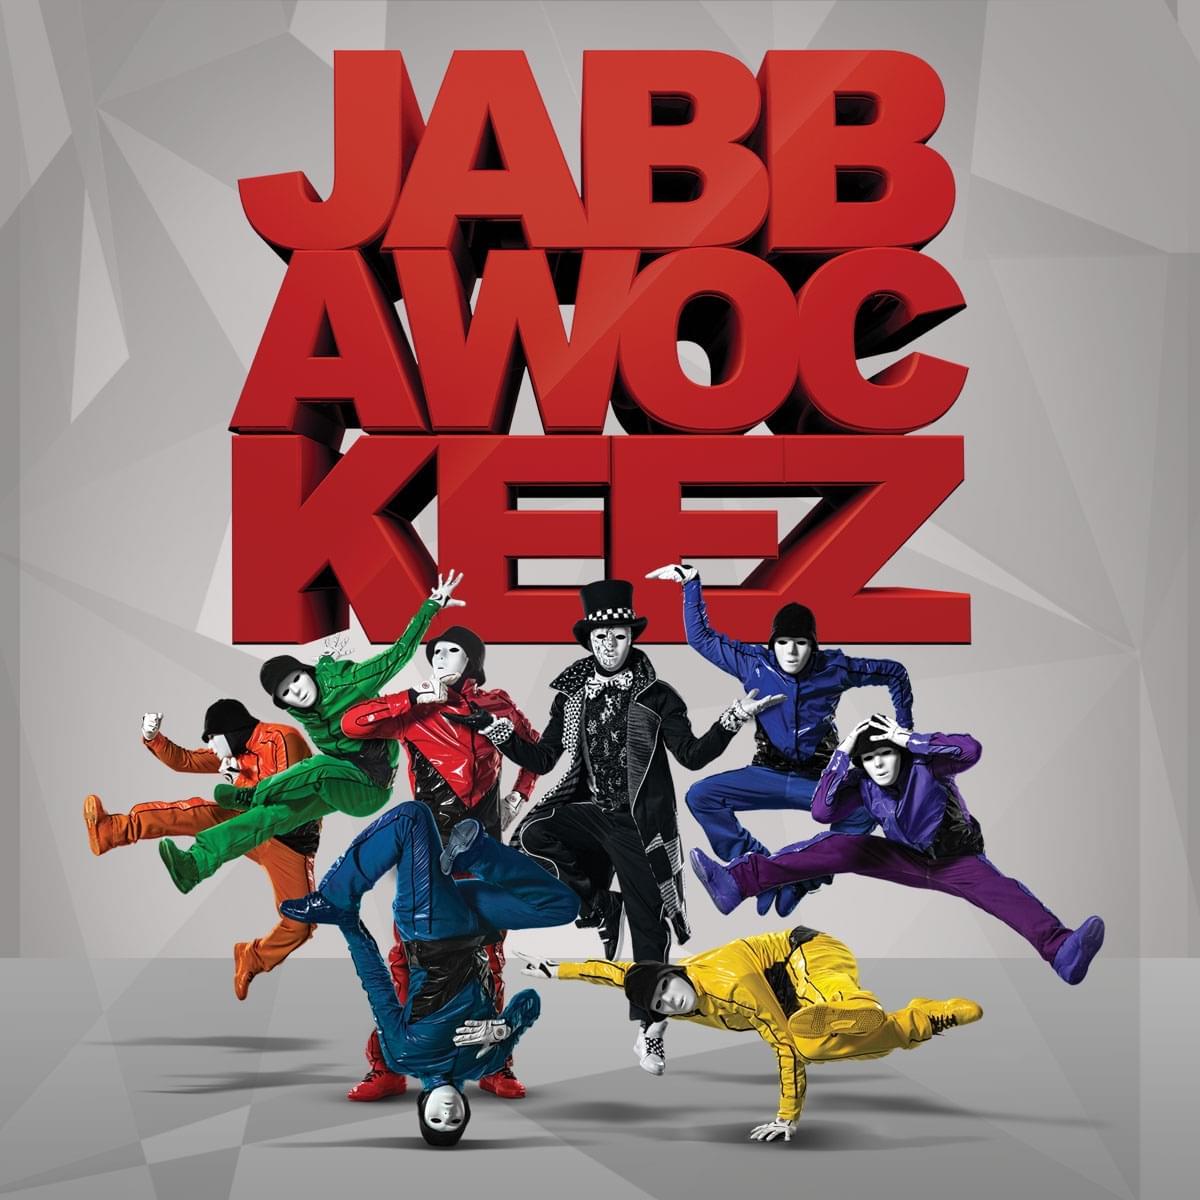 火星哥御用舞团假面舞团Jabbawockeez即将来华